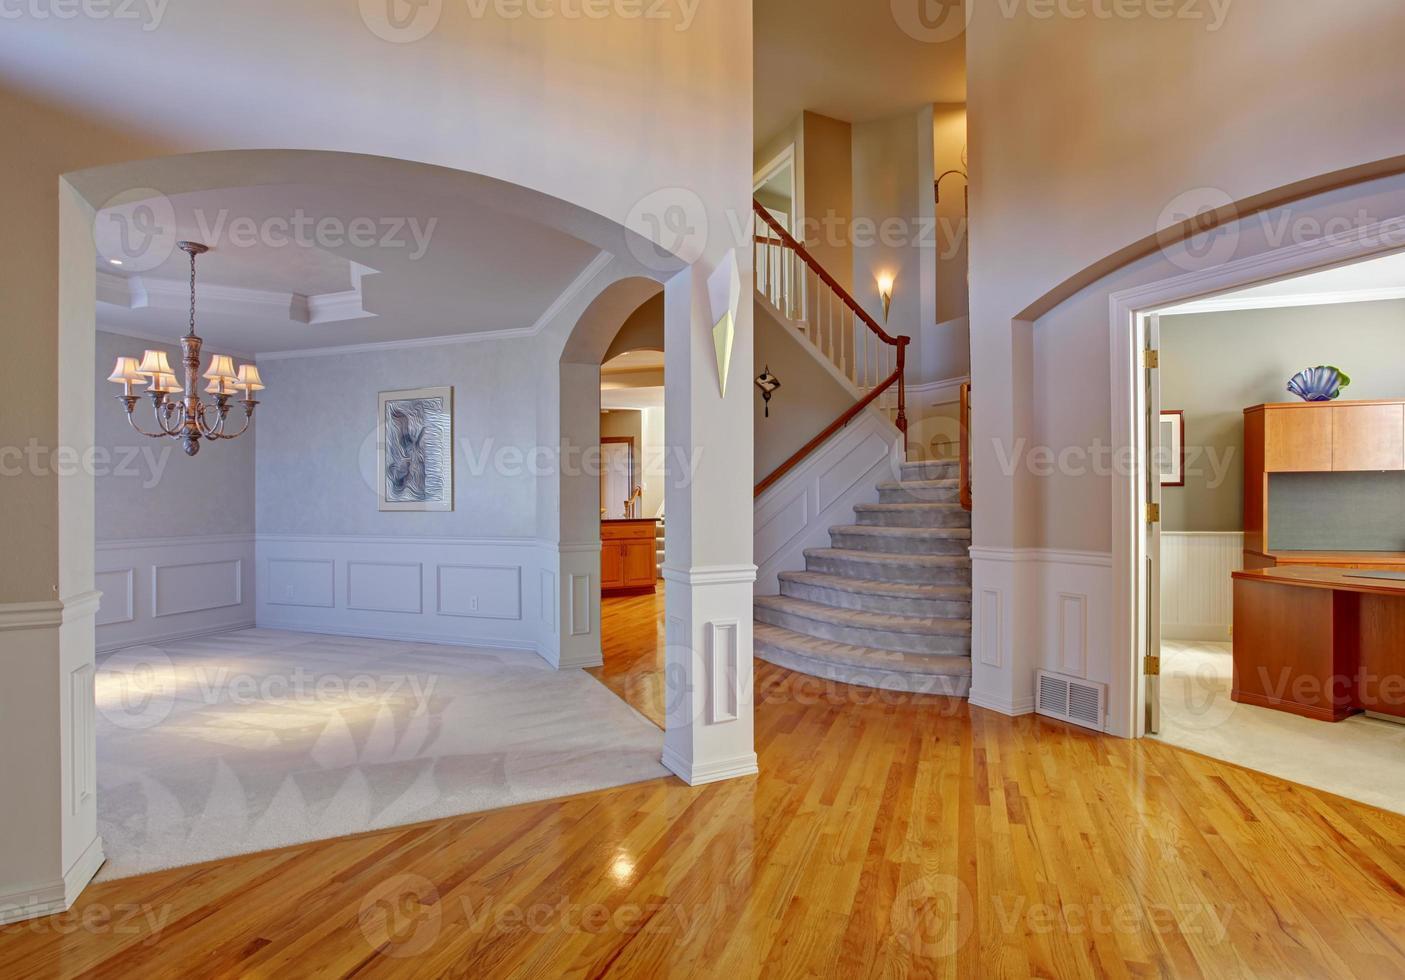 luxe huis interieur met bogen en hoog plafond foto